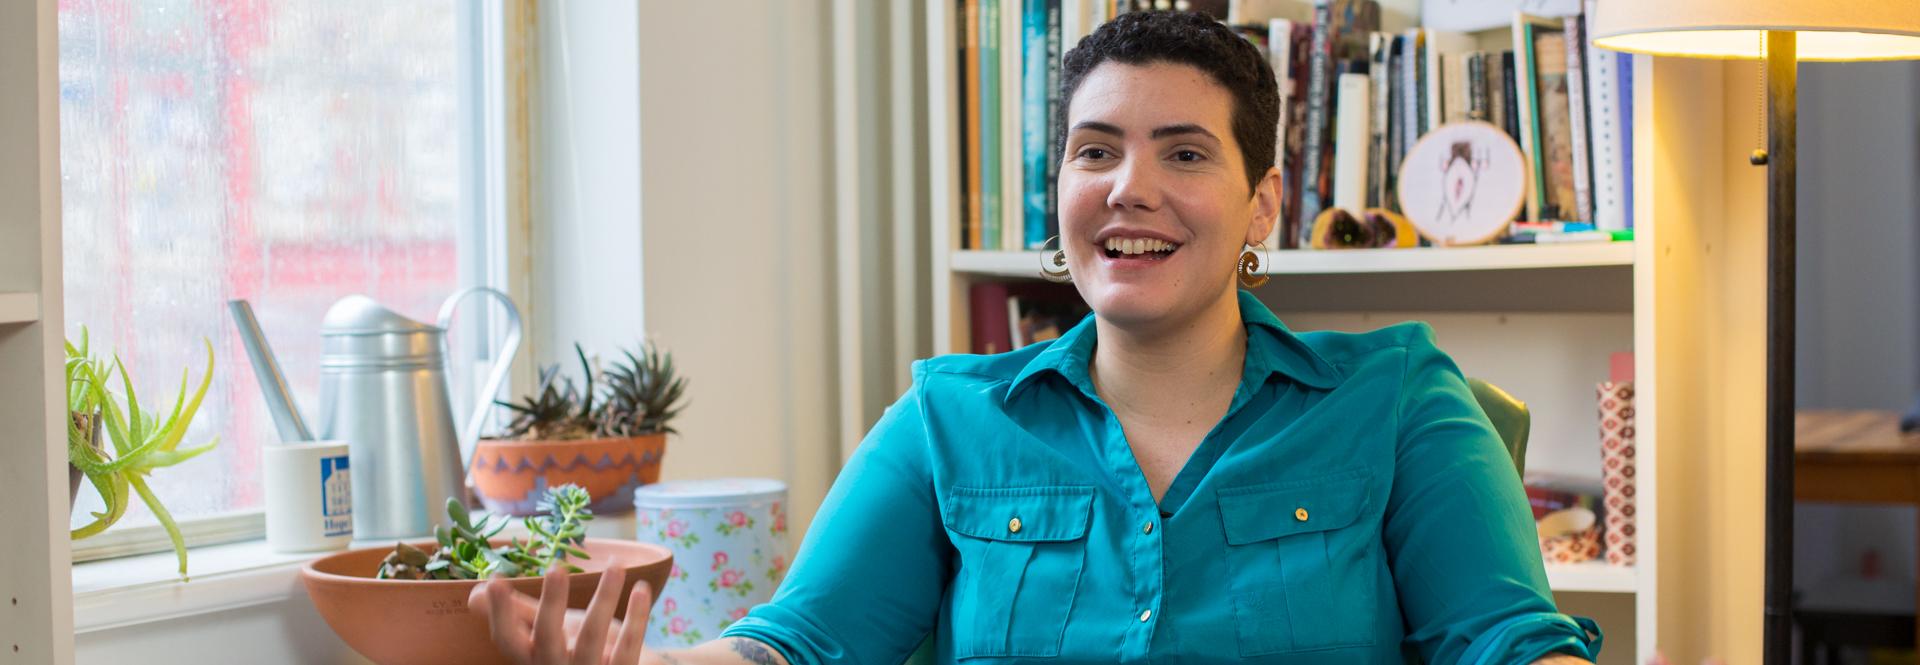 Raquel Salas Rivera - Queer Puerto Rican Poet. Photo: Samantha Laub / AL DÍA News